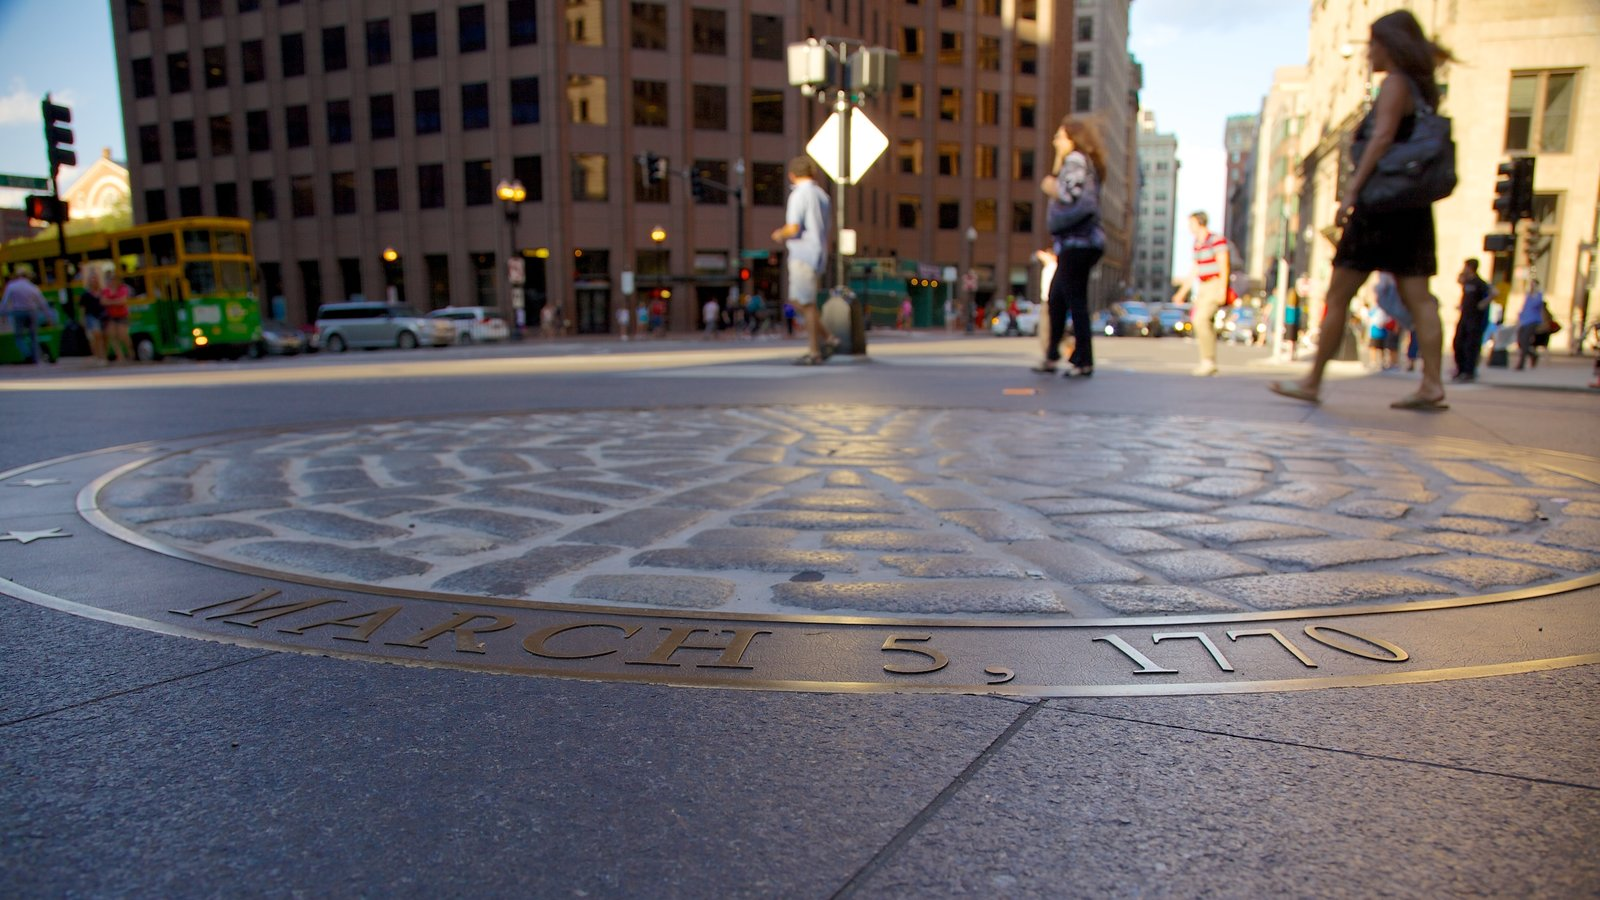 The Freedom Trail ofreciendo un parque o plaza, una ciudad y arte al aire libre